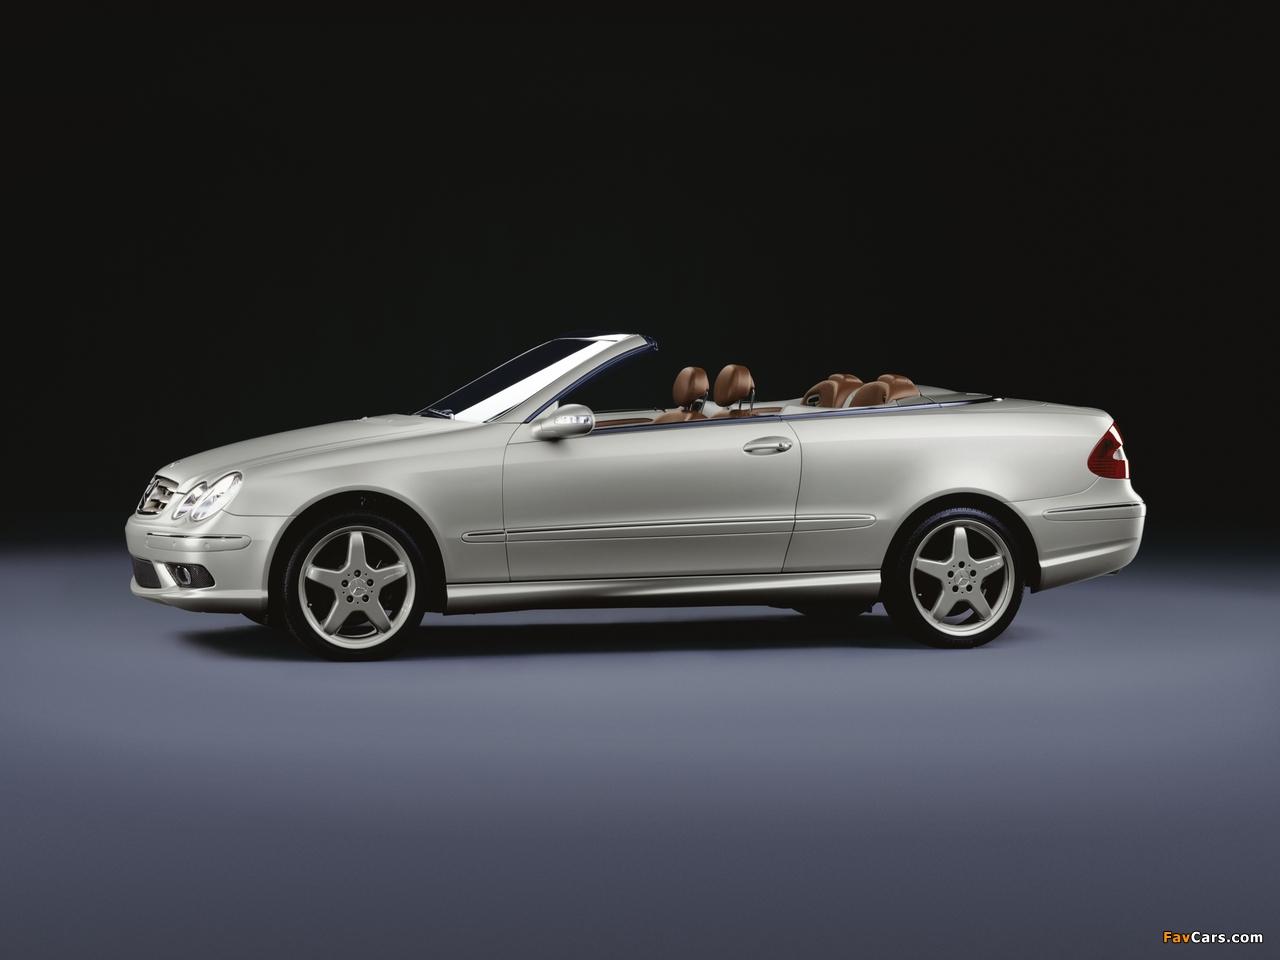 Mercedes-Benz CLK 500 Cabrio by Giorgio Armani (A209) 2004 images (1280 x 960)